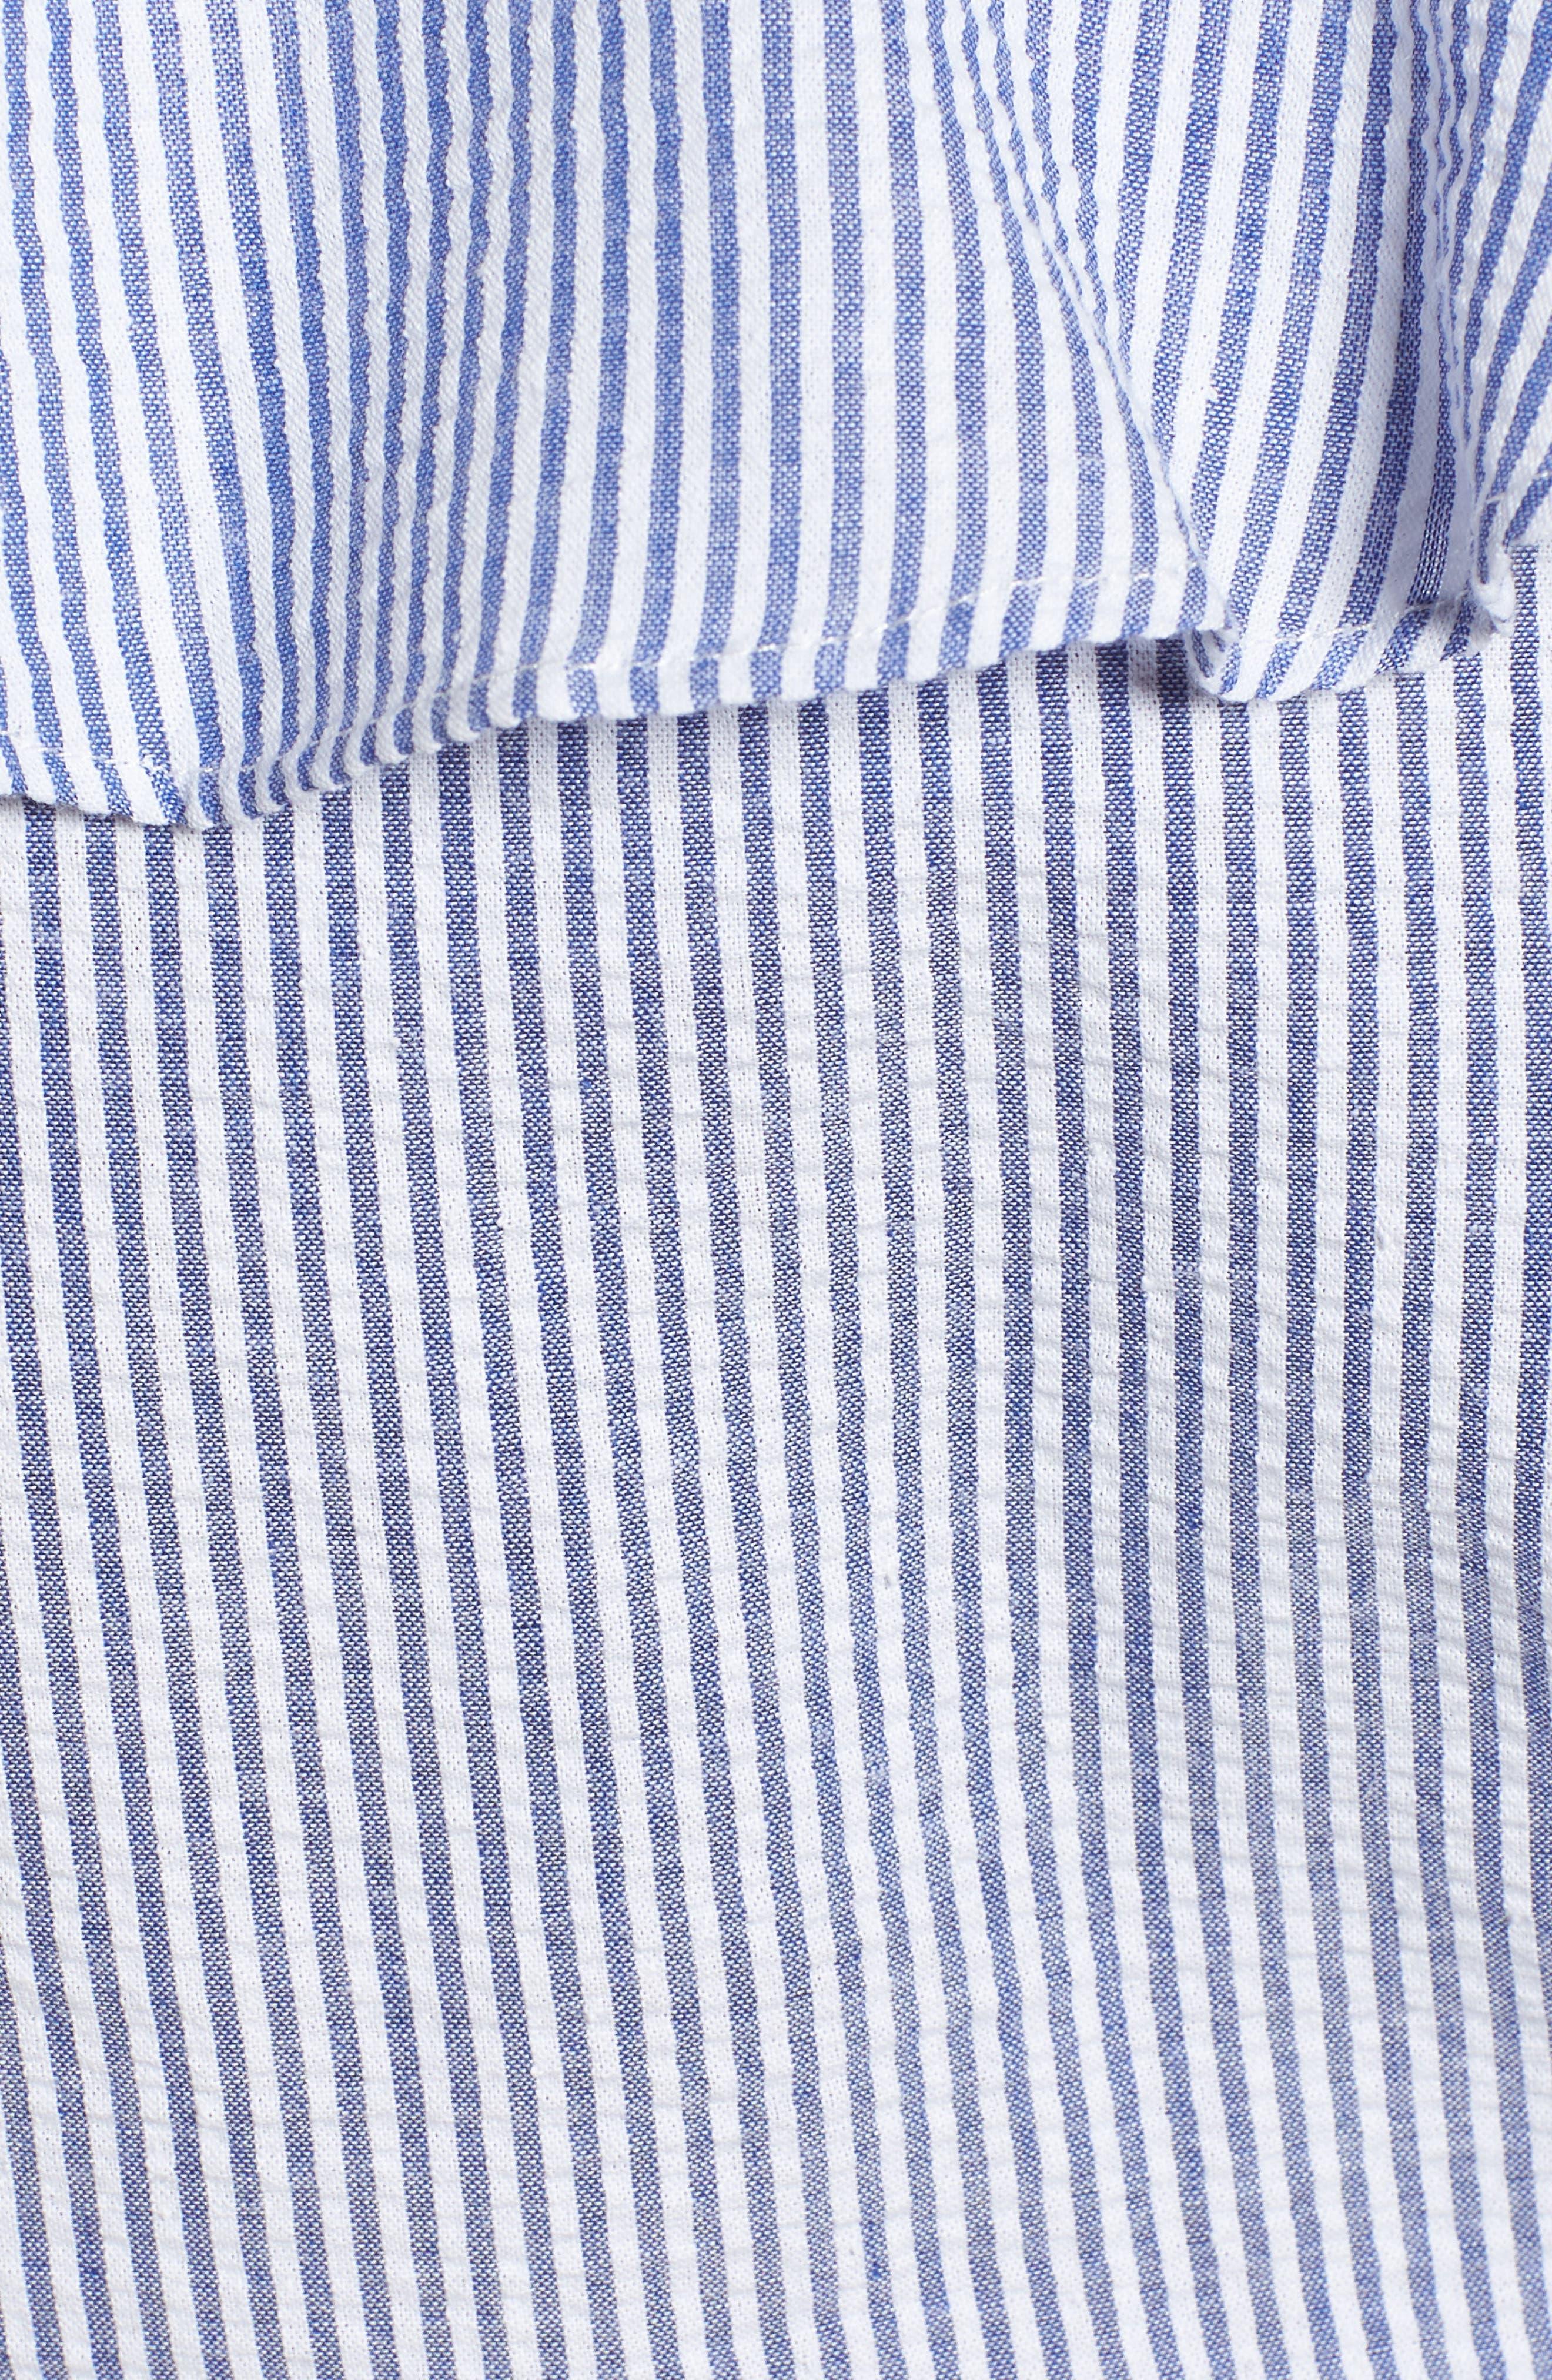 Ruffle Seersucker Crop Top,                             Alternate thumbnail 5, color,                             474